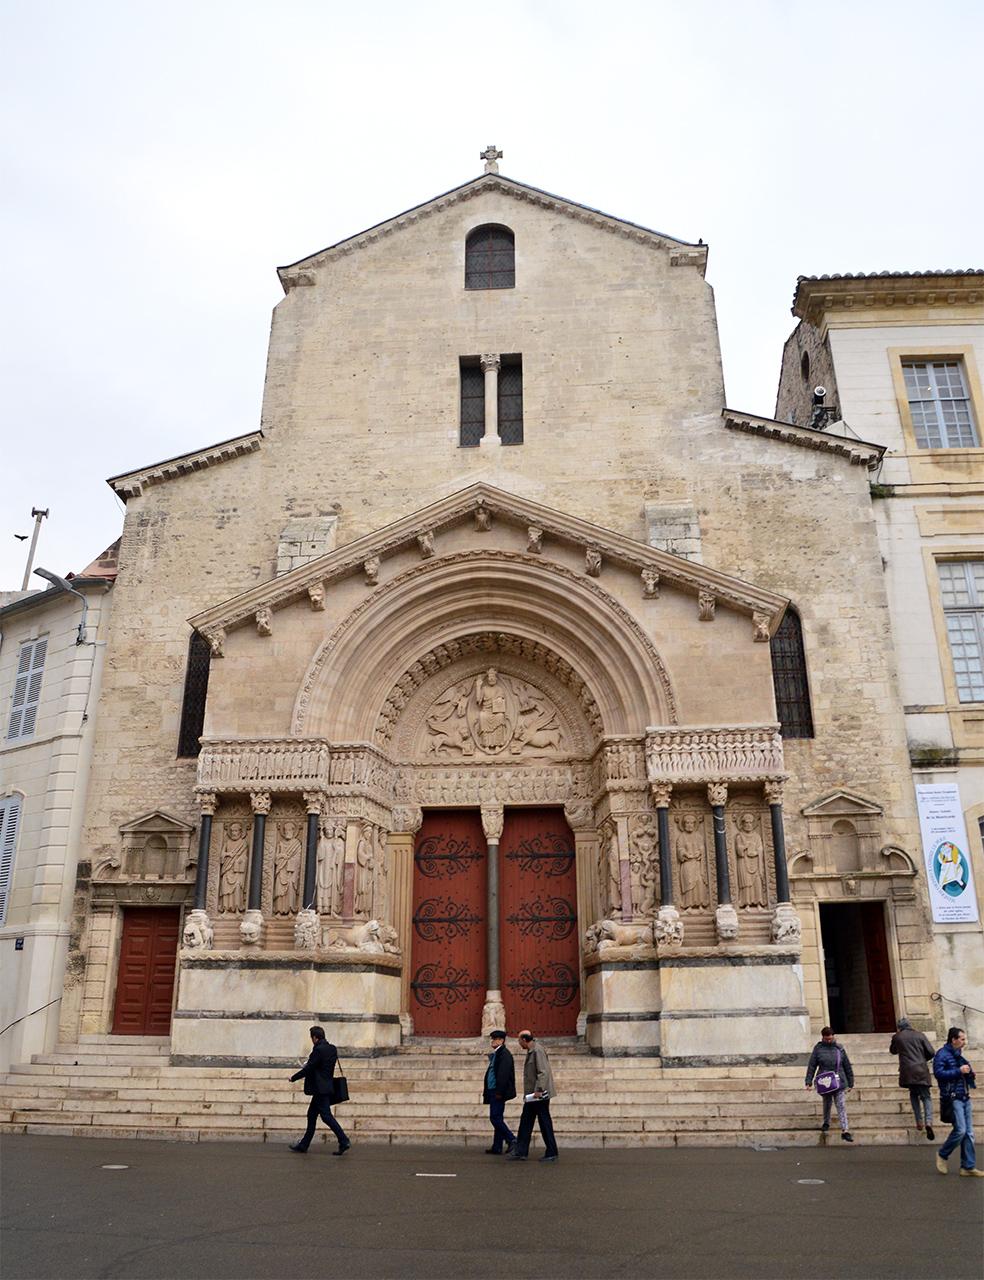 생 트로핌 성당. 12세기에 지어진 로마네스크 양식의 예쁜 성당이다.